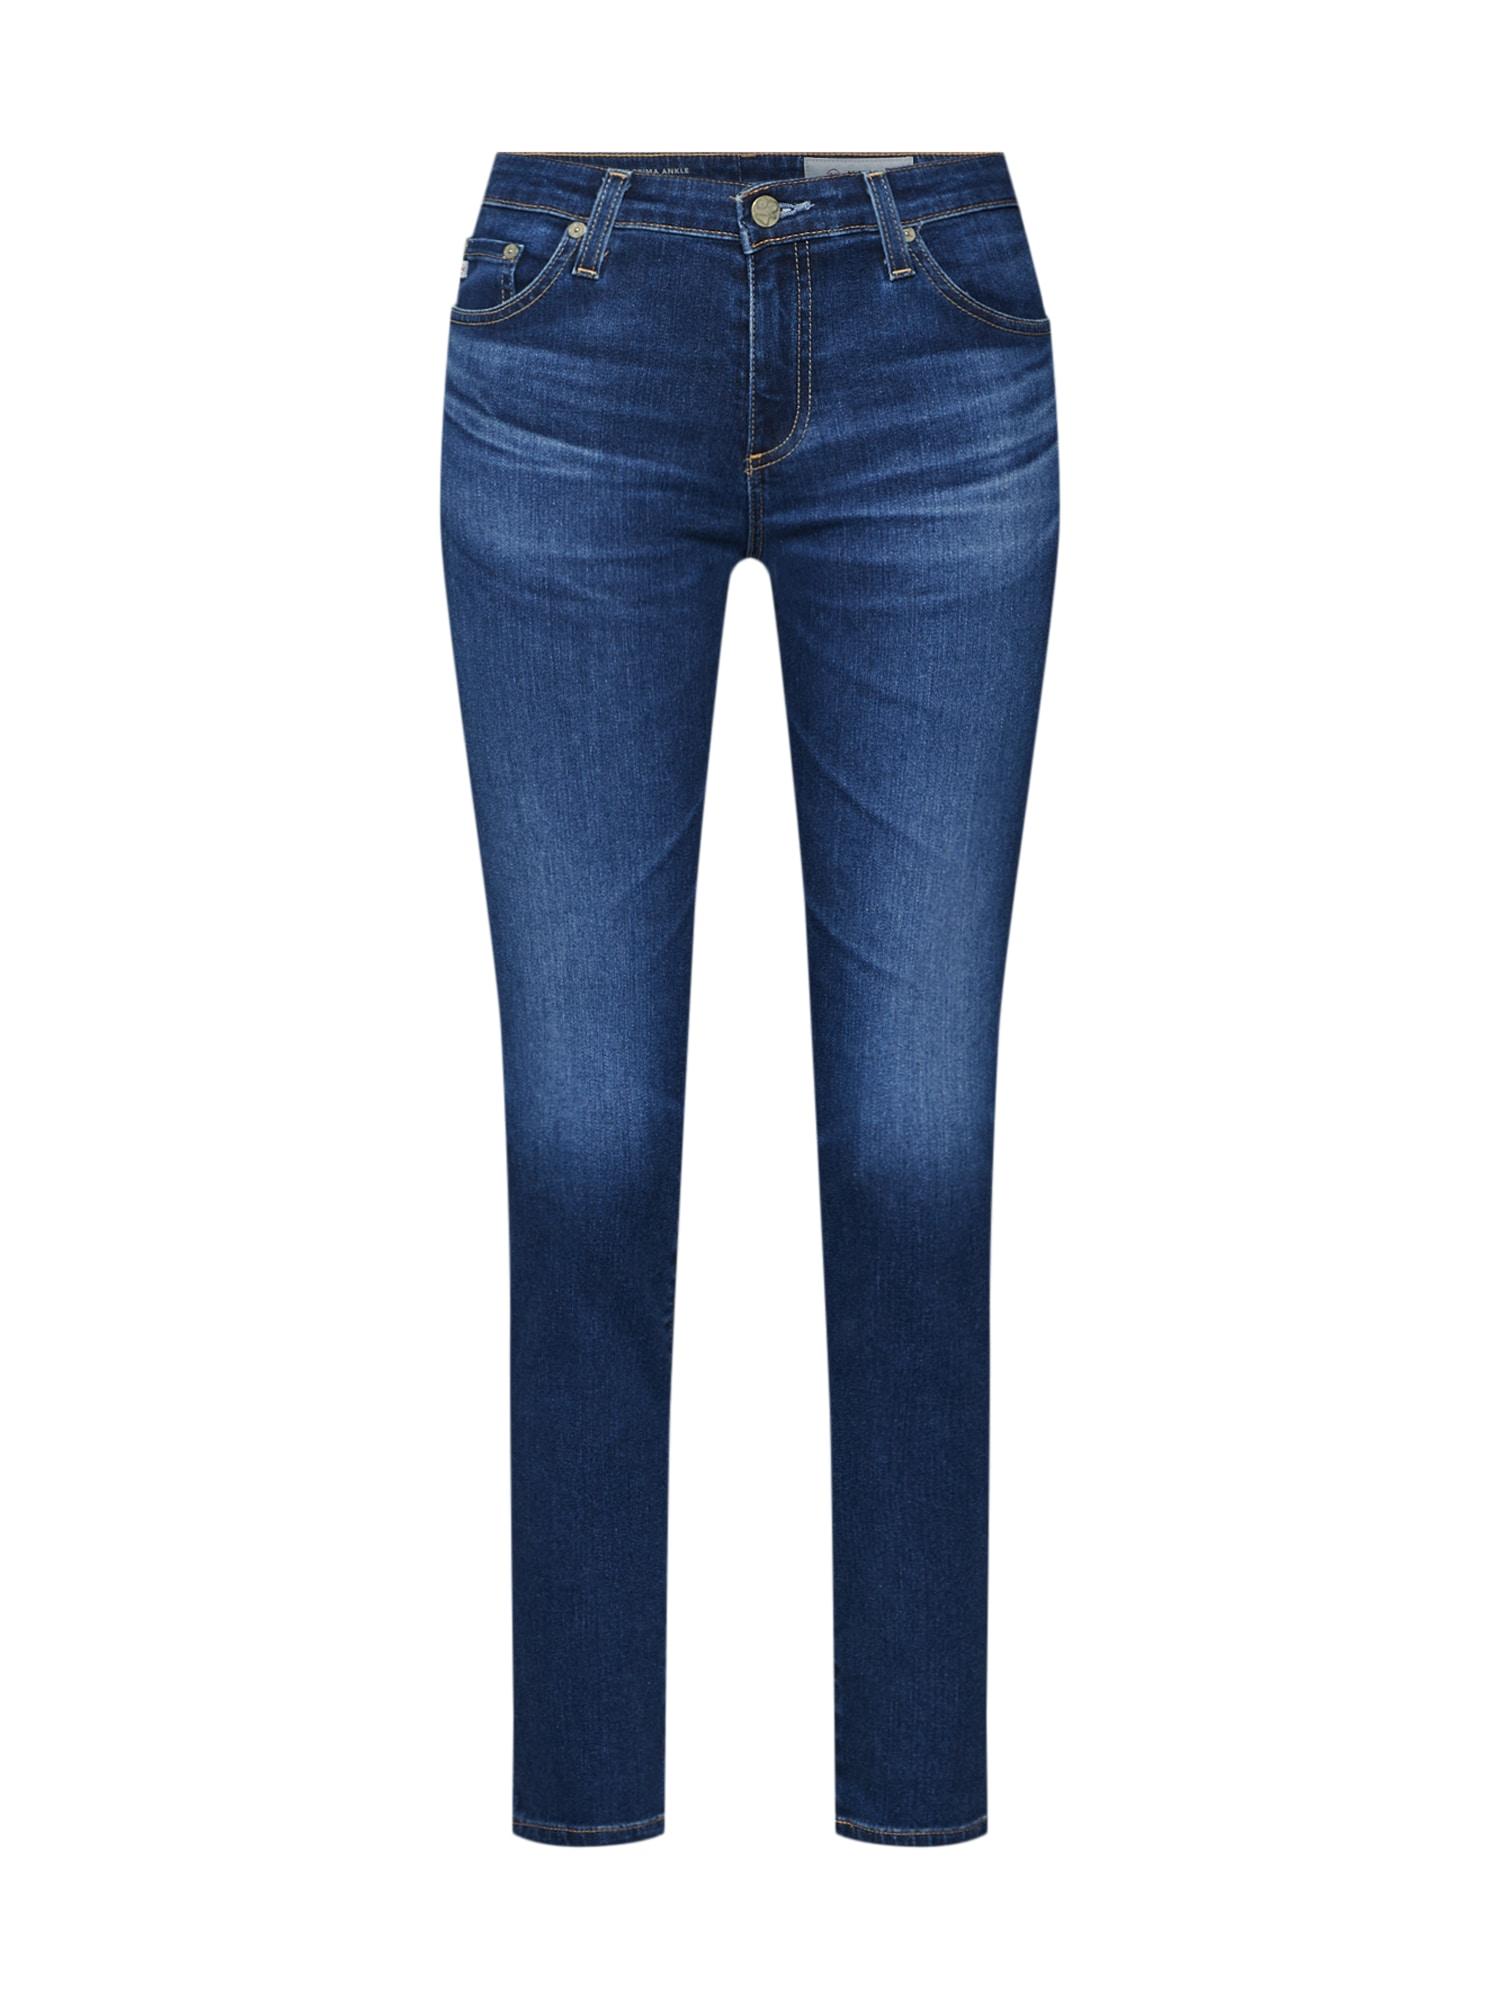 Džíny Prima Ankle modrá džínovina AG Jeans